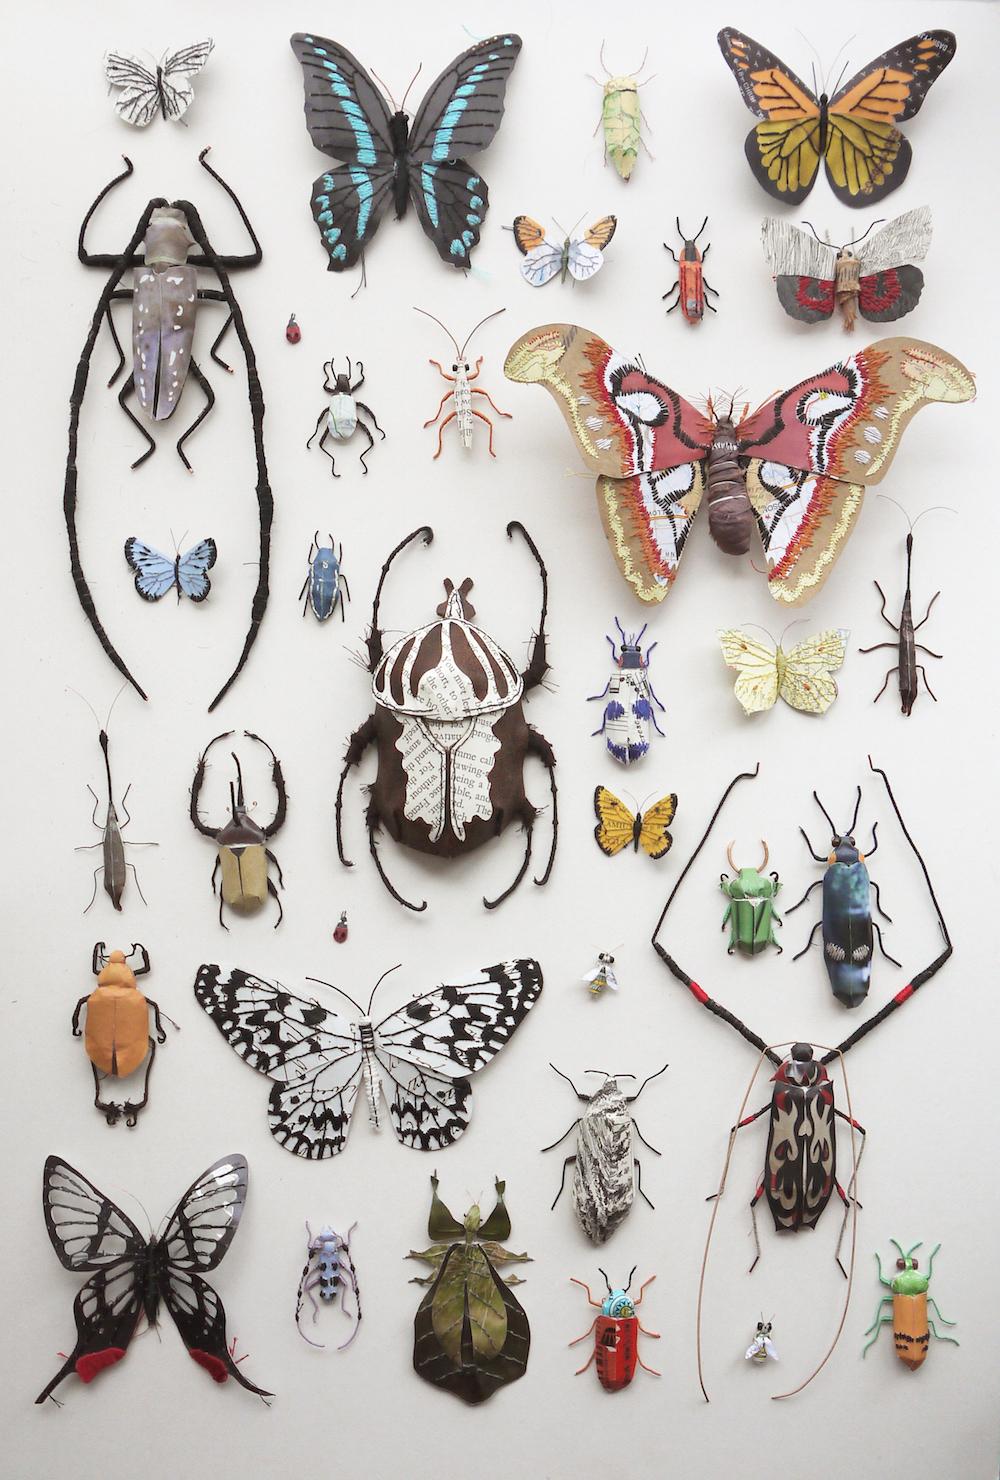 artista-apaixonada-pela-natureza-blog-usenatureza